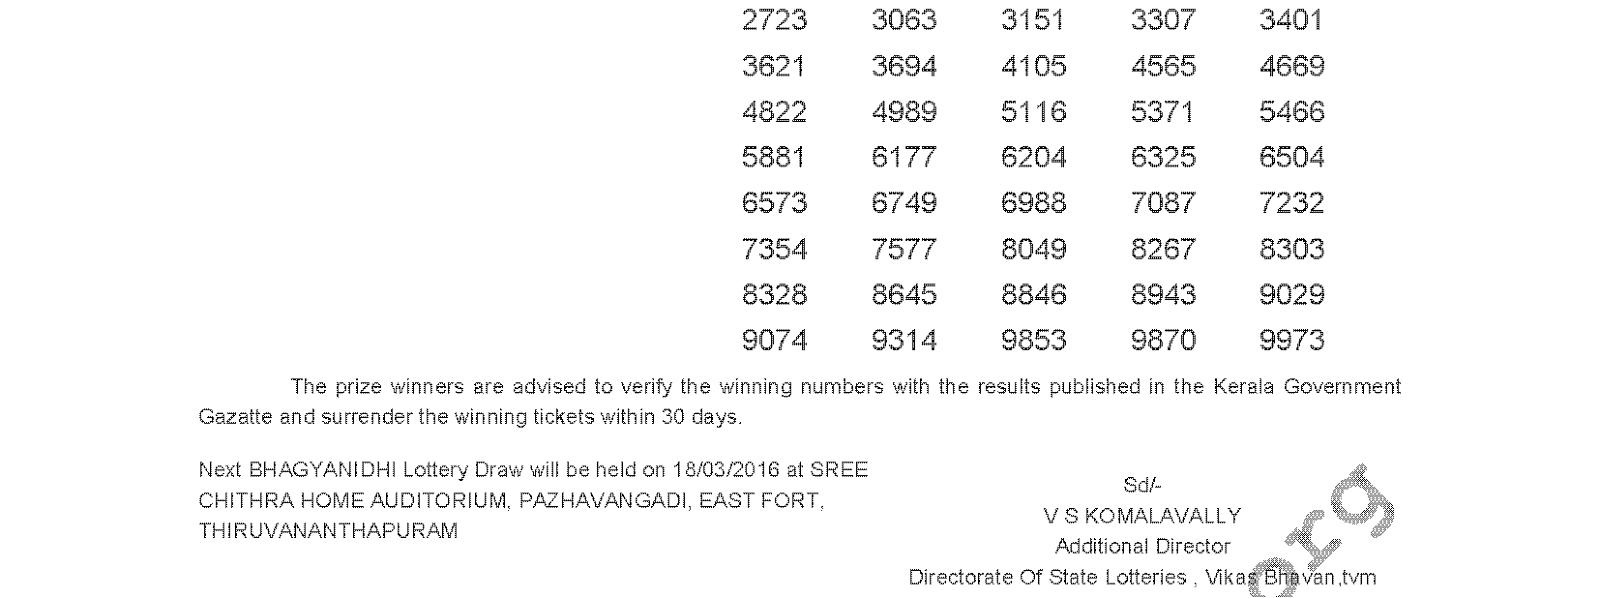 BHAGYANIDHI Lottery BN 228 Result 11-3-2016